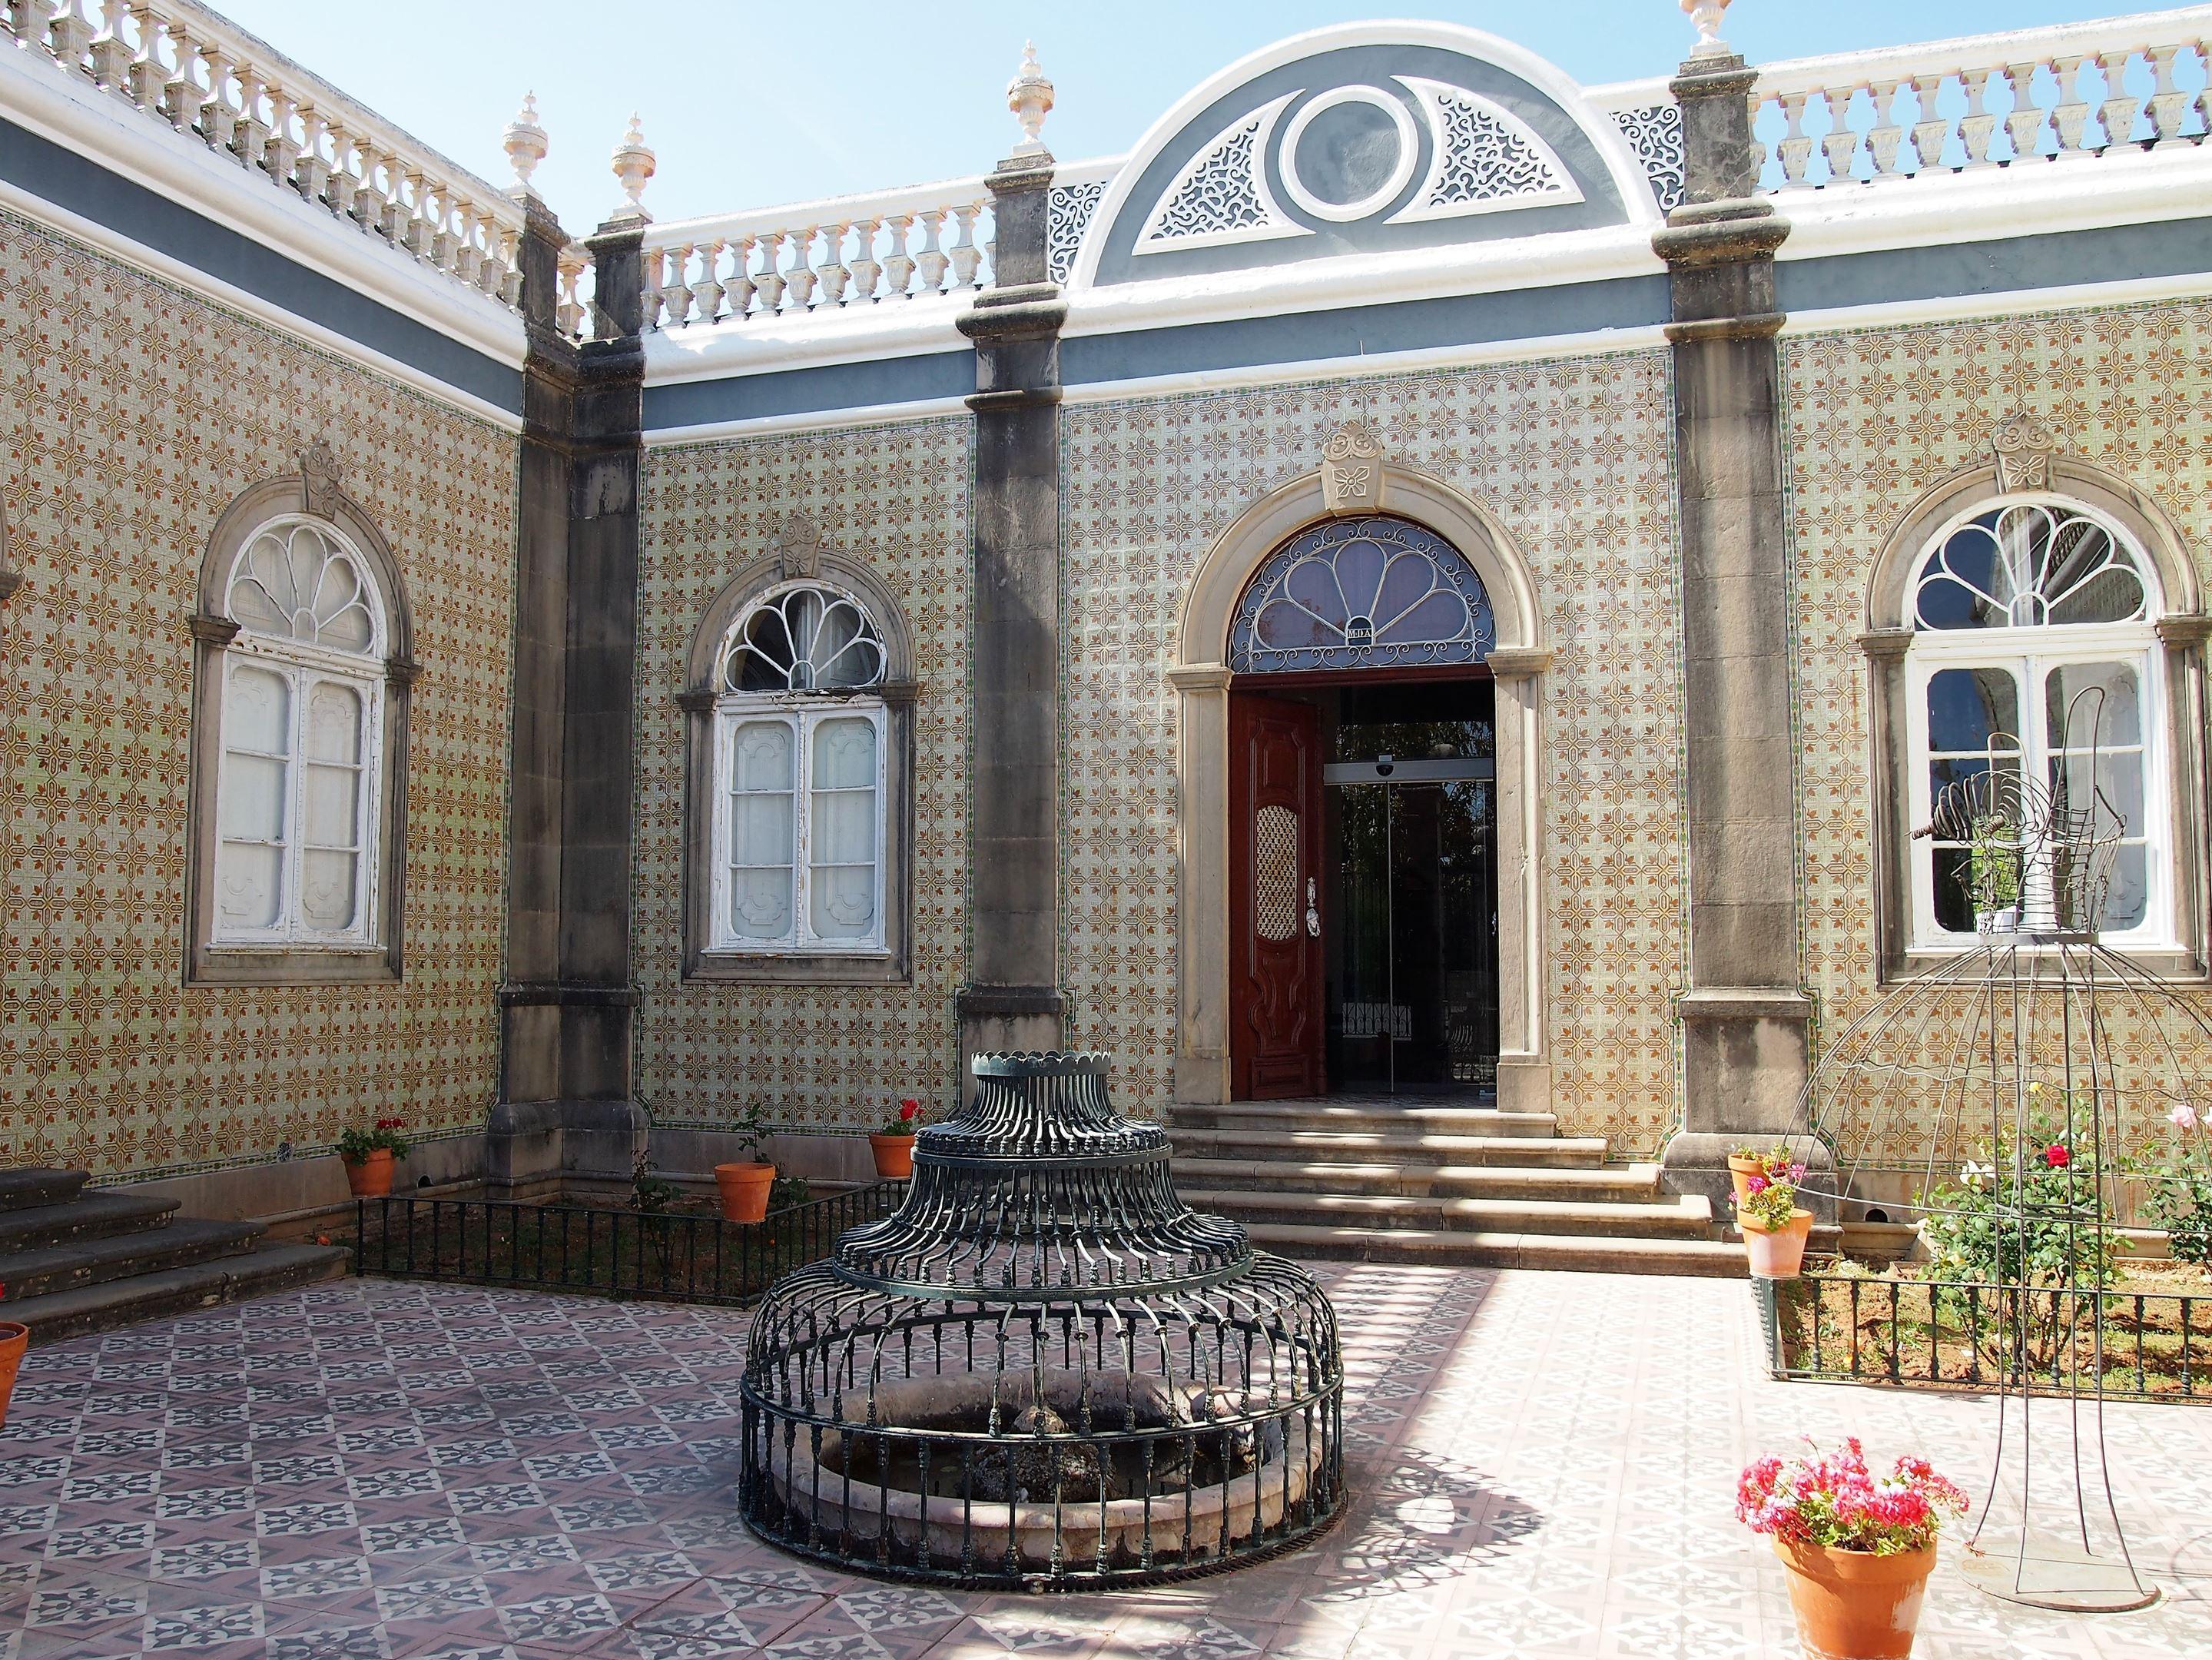 Pátio da entrada do Museu do Traje do Algarve em São Brás de Alportel